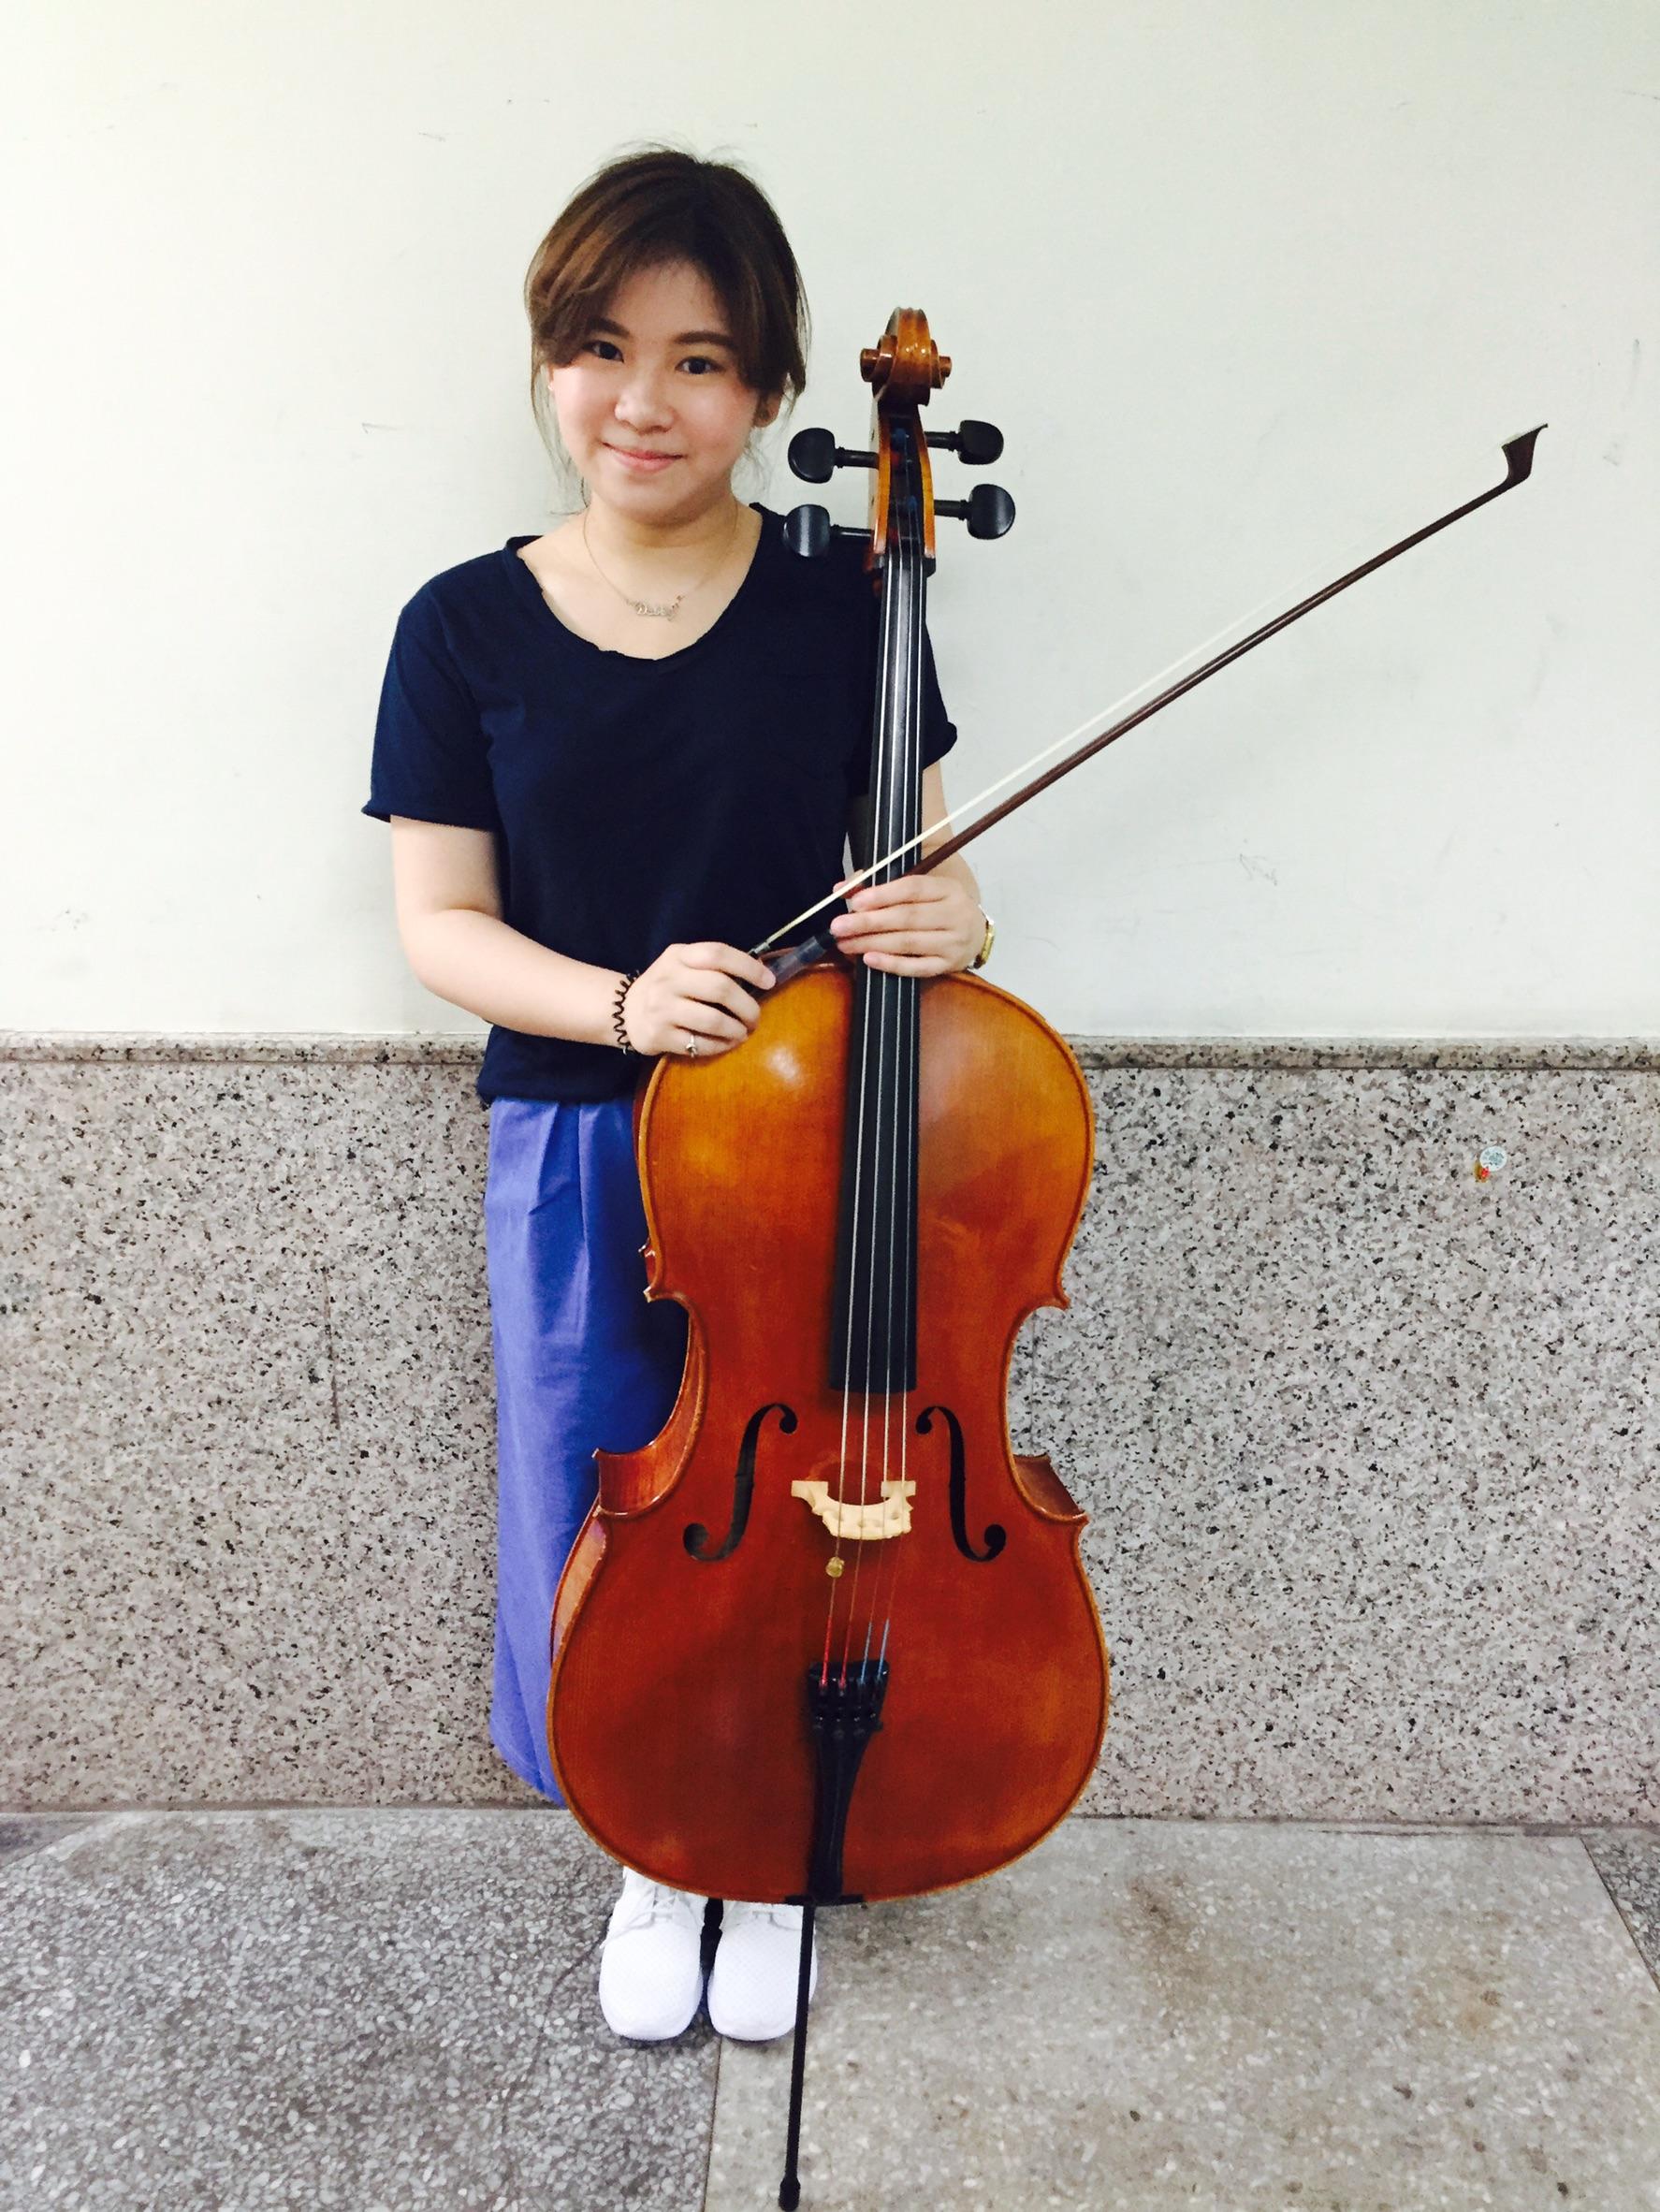 基隆大提琴教學,信義區大提琴家教,基隆大提琴老師